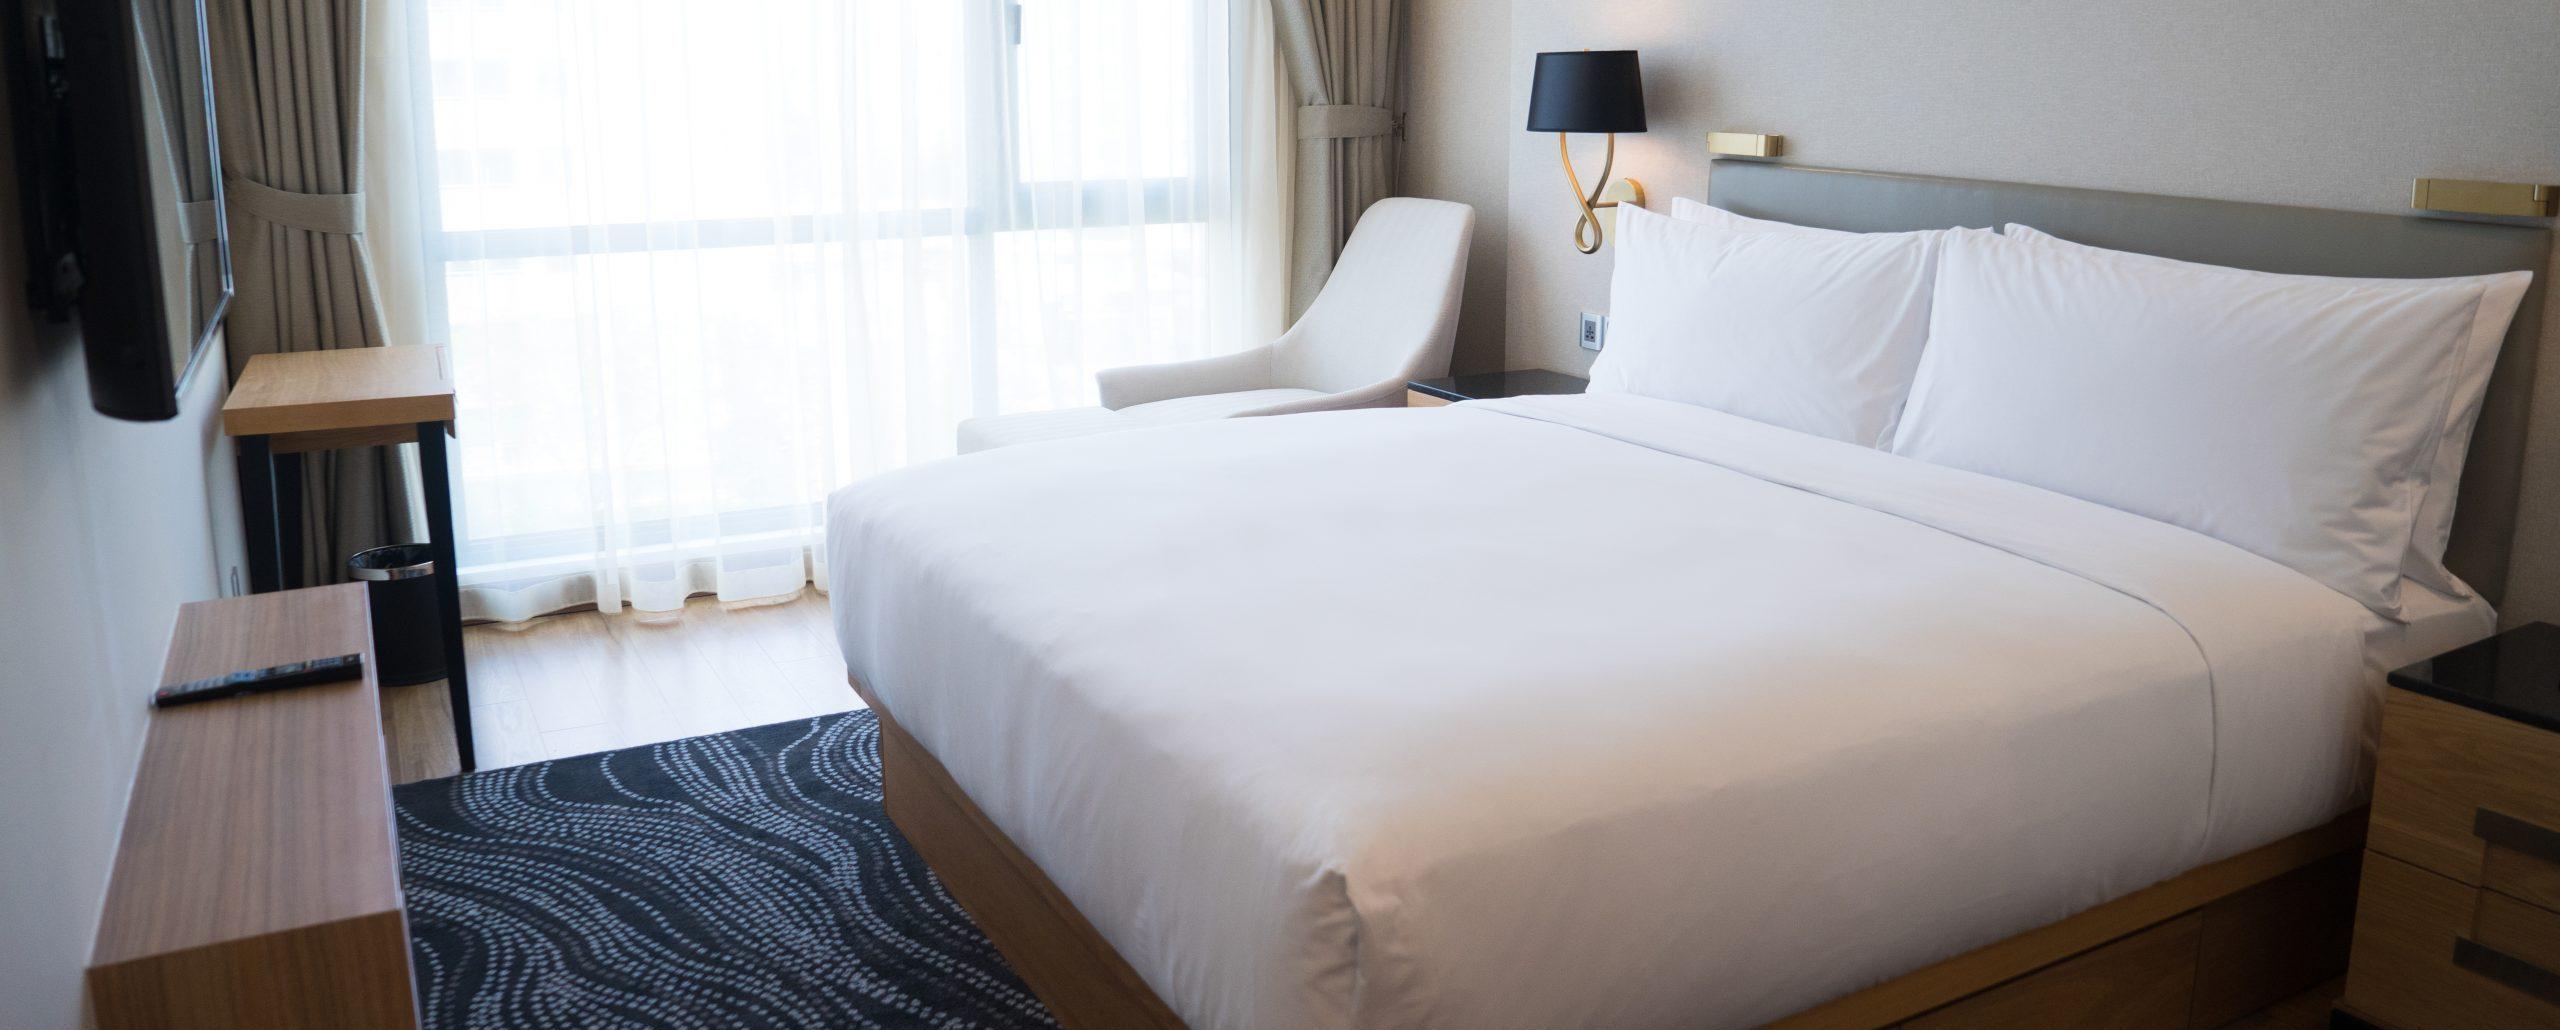 Colchones para hoteles Bonitex